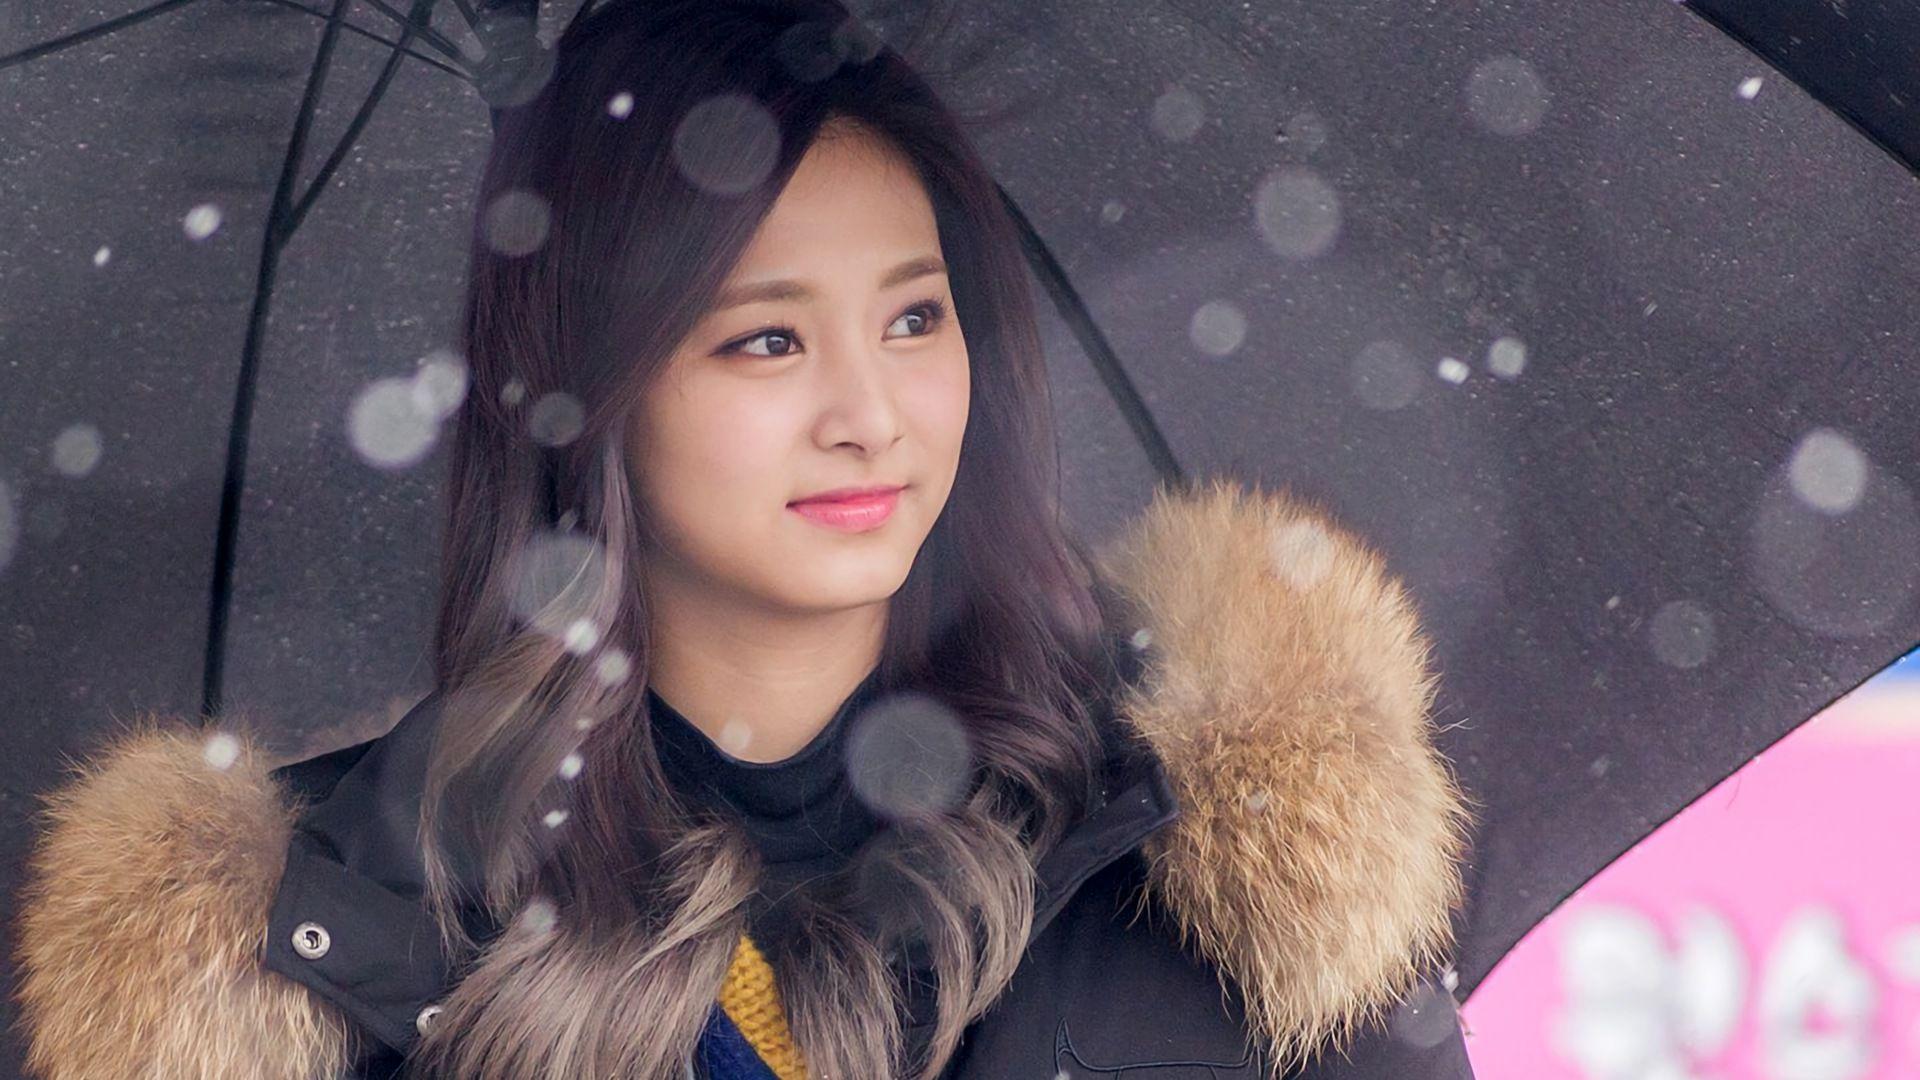 1920x1080 HD Wallpaper of Tzuyu Chou Tzu yu K Pop Girls Singer 1920x1080